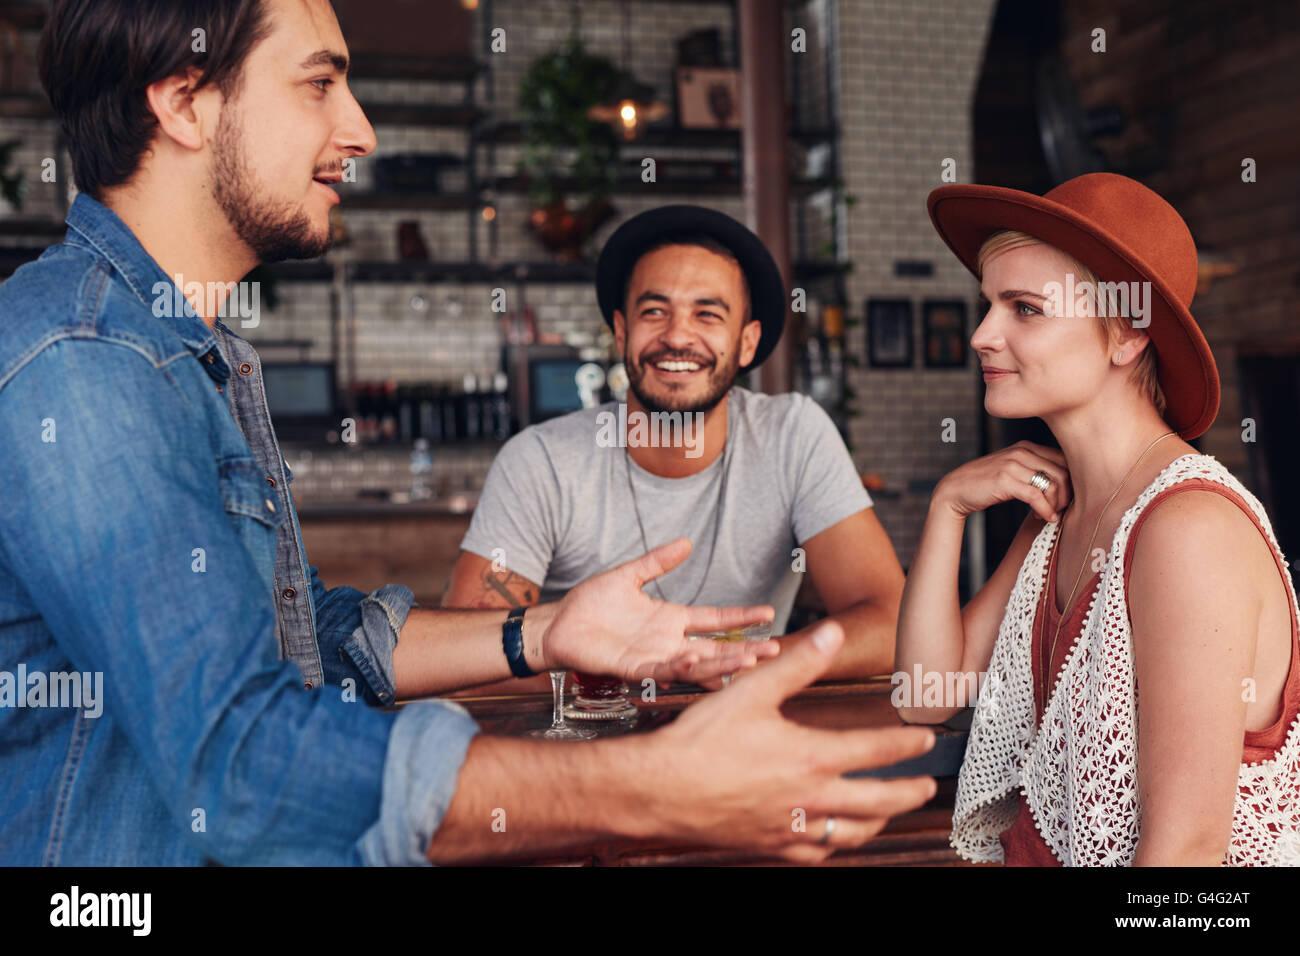 Gruppe von jungen Freunden in einem Café hängen. Junge Männer und Frauen sitzen zusammen und reden Stockbild